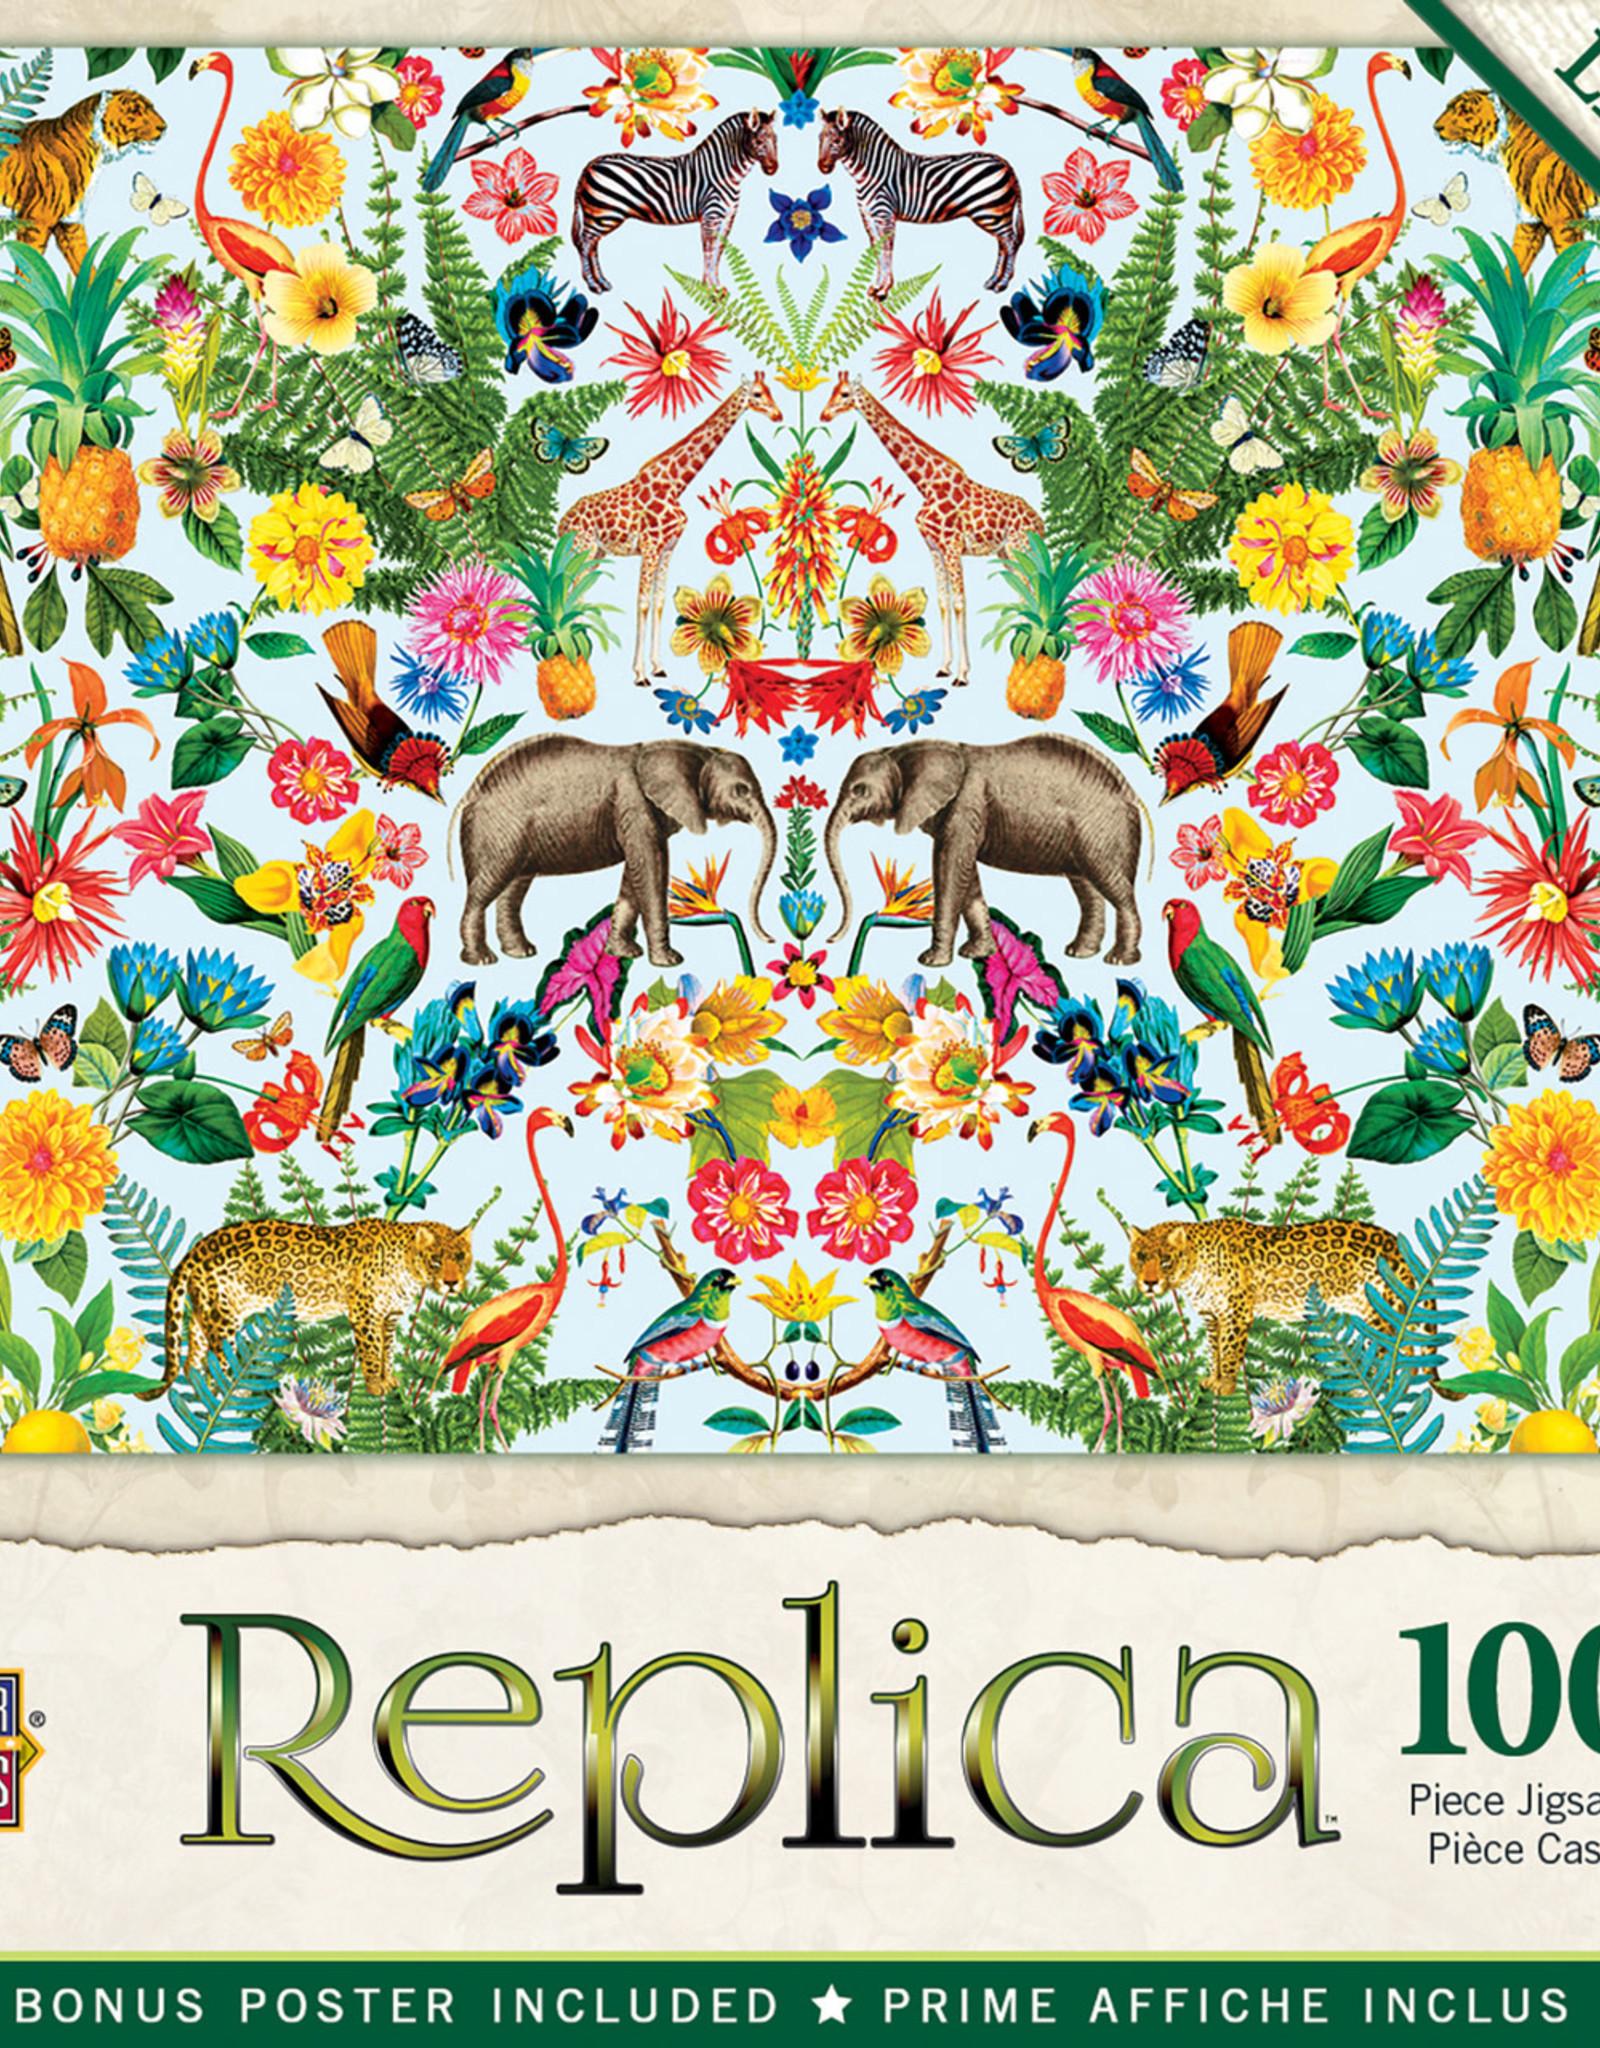 Master Pieces 1000pc Replica - Safari